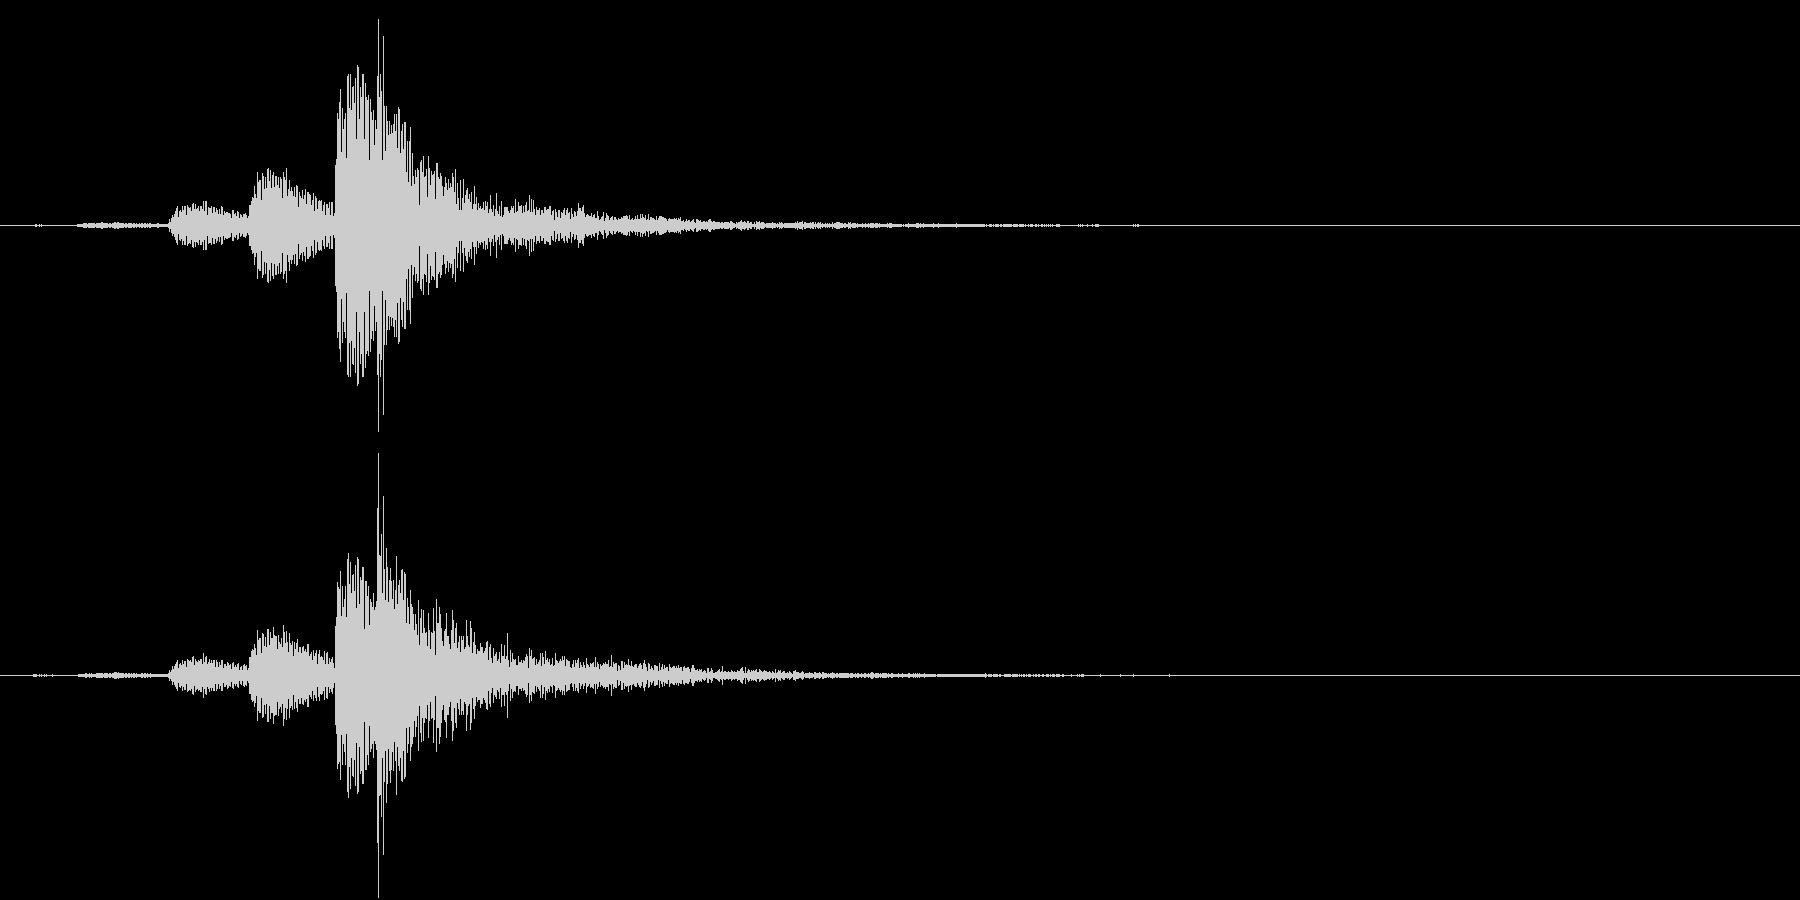 インドの桶太鼓Dholドール連打音+FXの未再生の波形